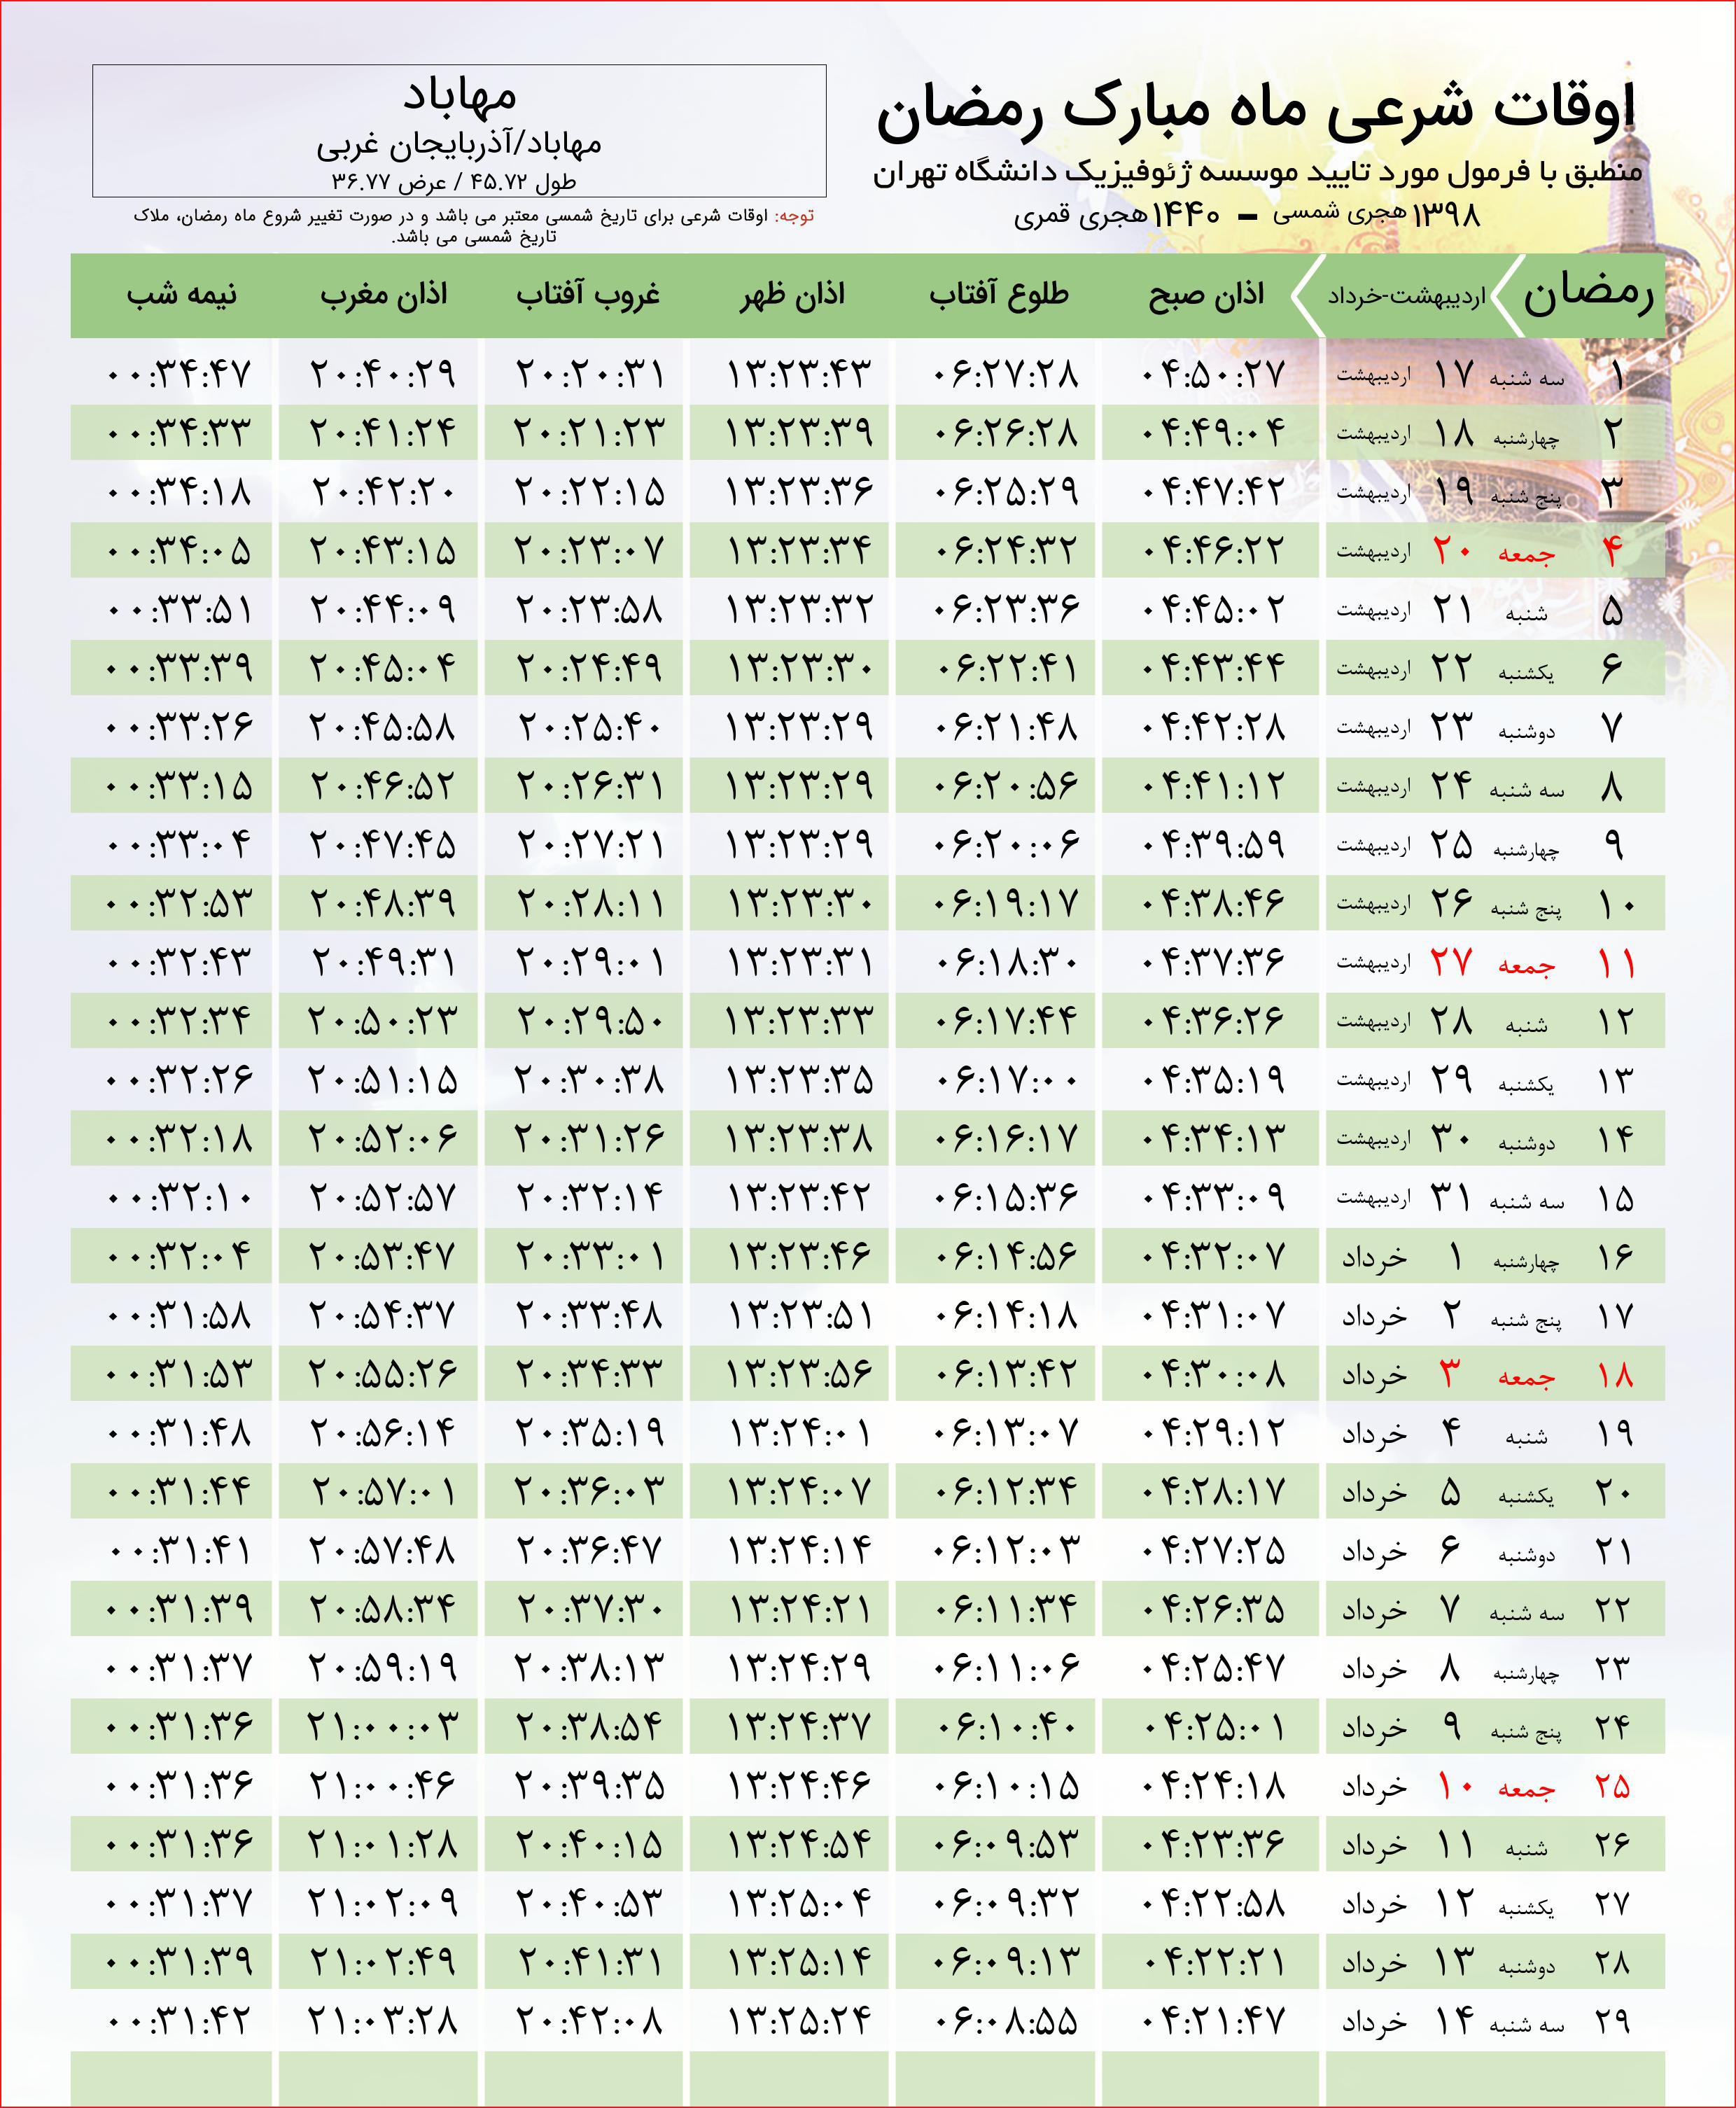 جدول اوقات شرعی مهاباد در ماه مبارک رمضان ۹۸